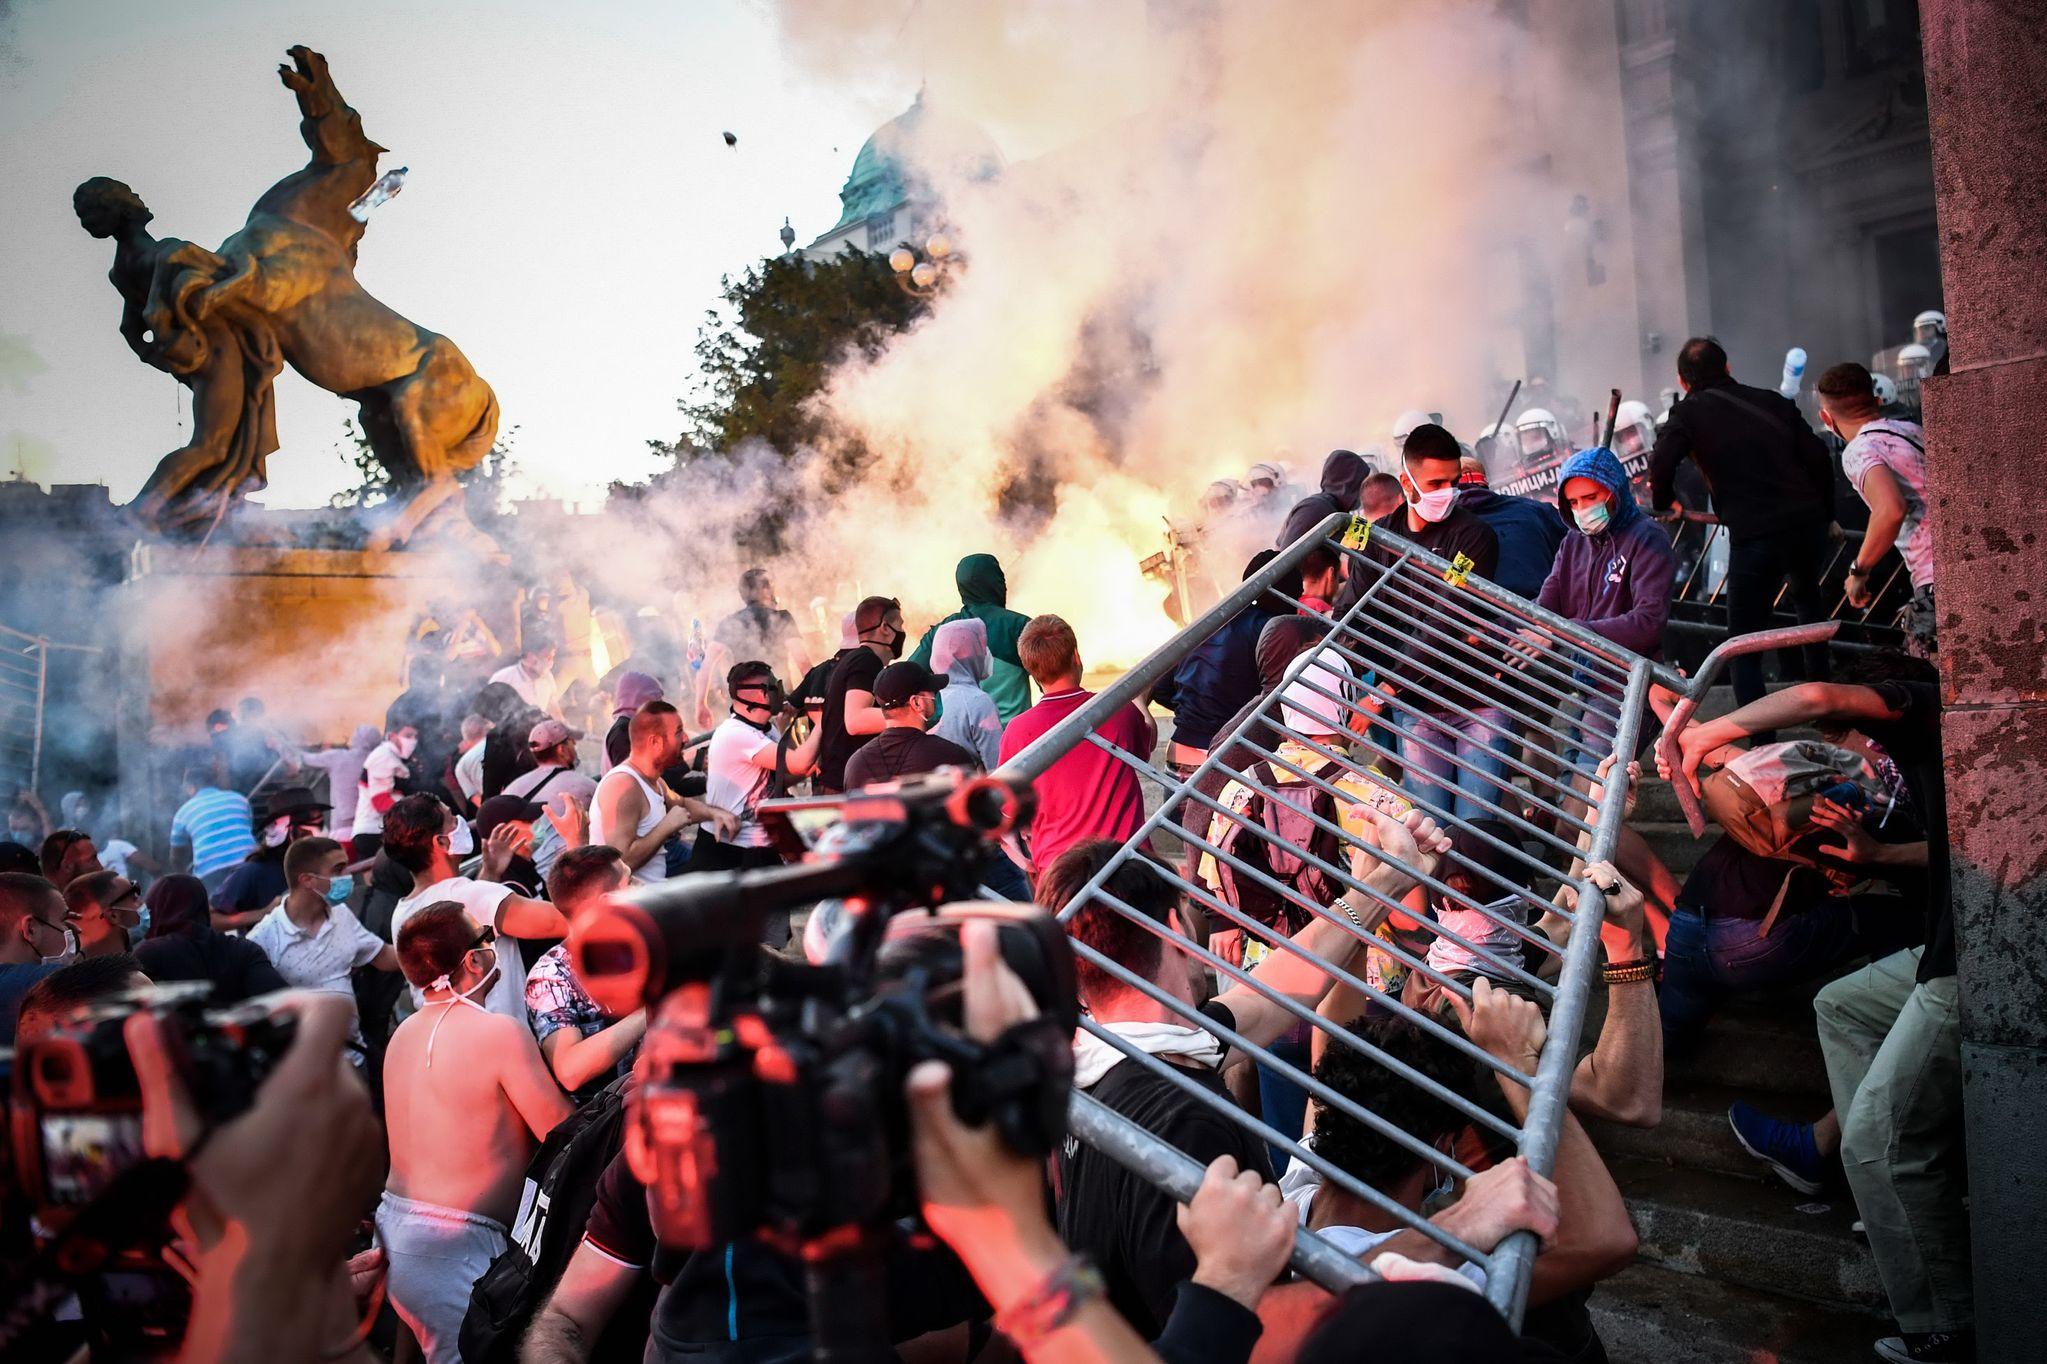 세르비아 수도 베오그라드의 반정부 시위대가 8일(현지시간) 의회 진입을 시도하며 경찰과 충돌하고 있다. 시위대는 코로나 19 확산을 막기 위해 정부가 발표한 주말 통행금지에 반발하고 있다. AFP=연합뉴스